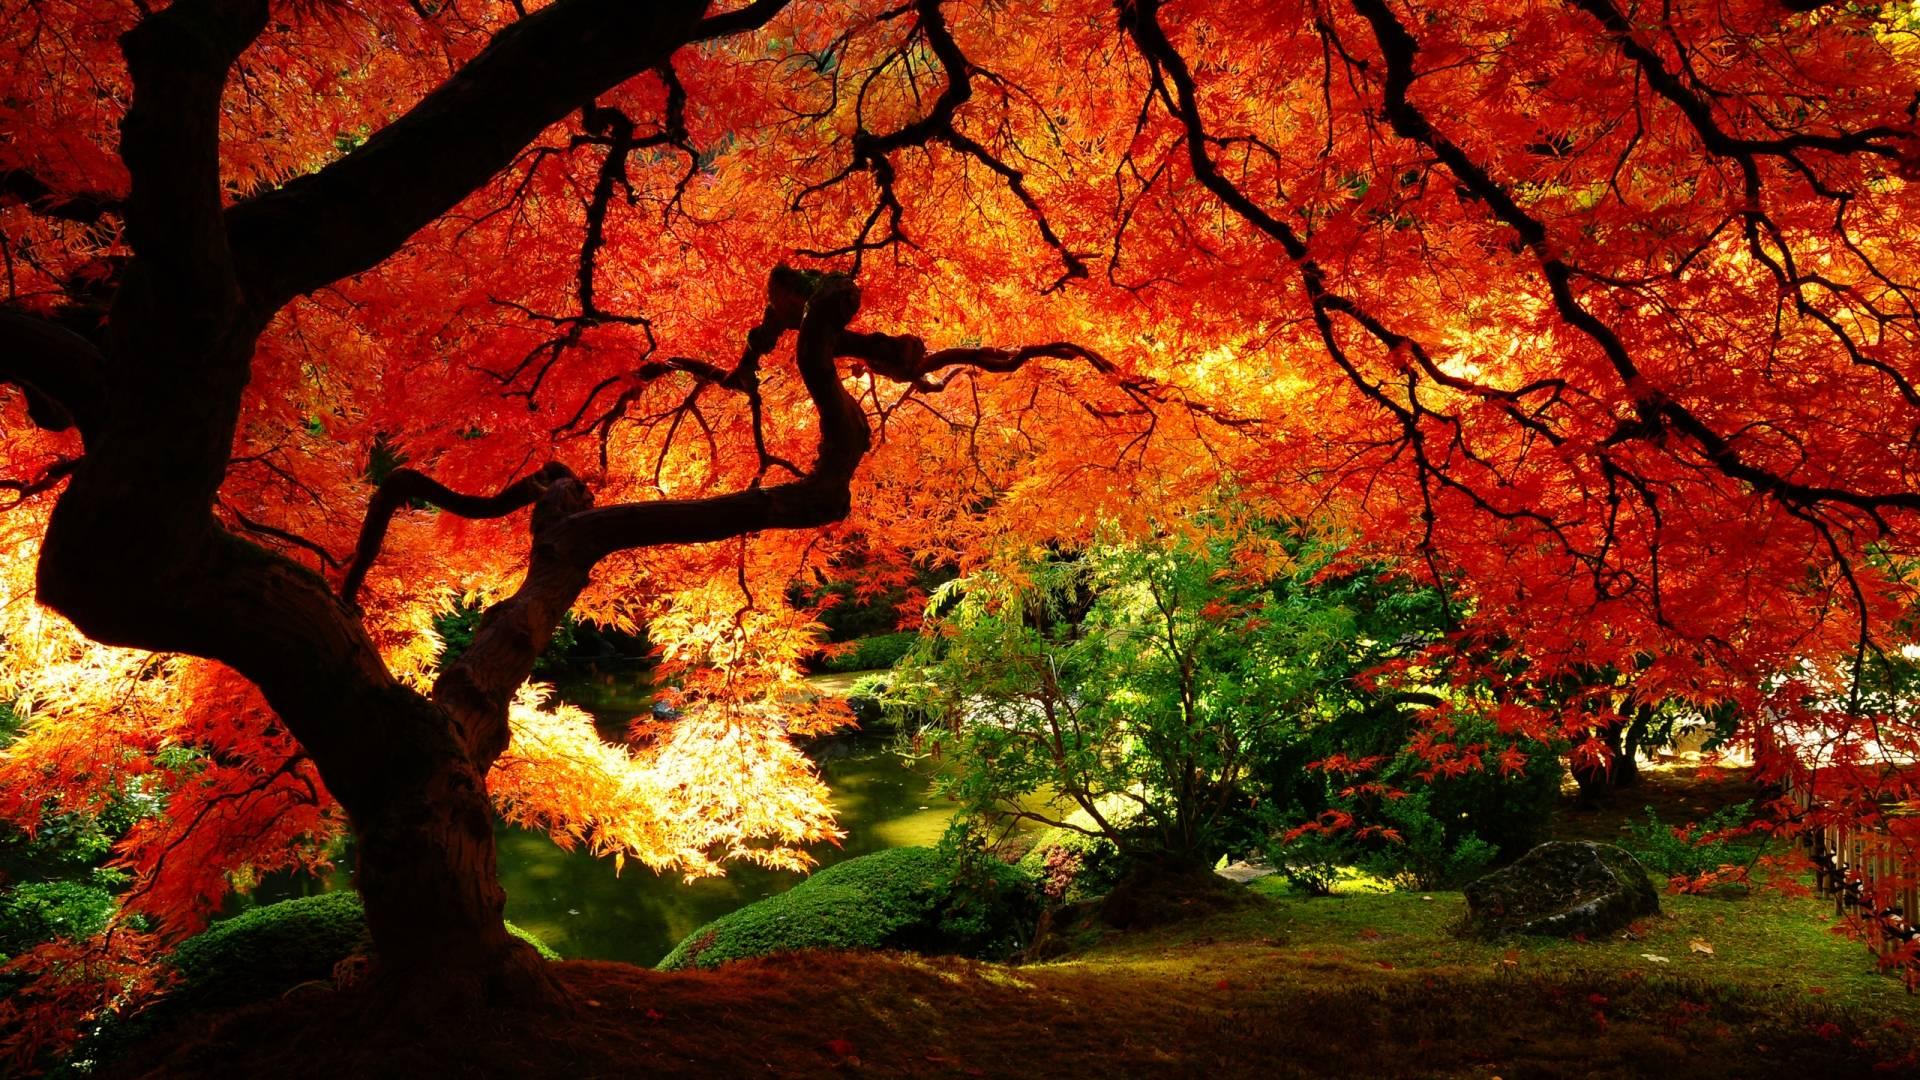 Fall Backgrounds Desktop 1920x1080